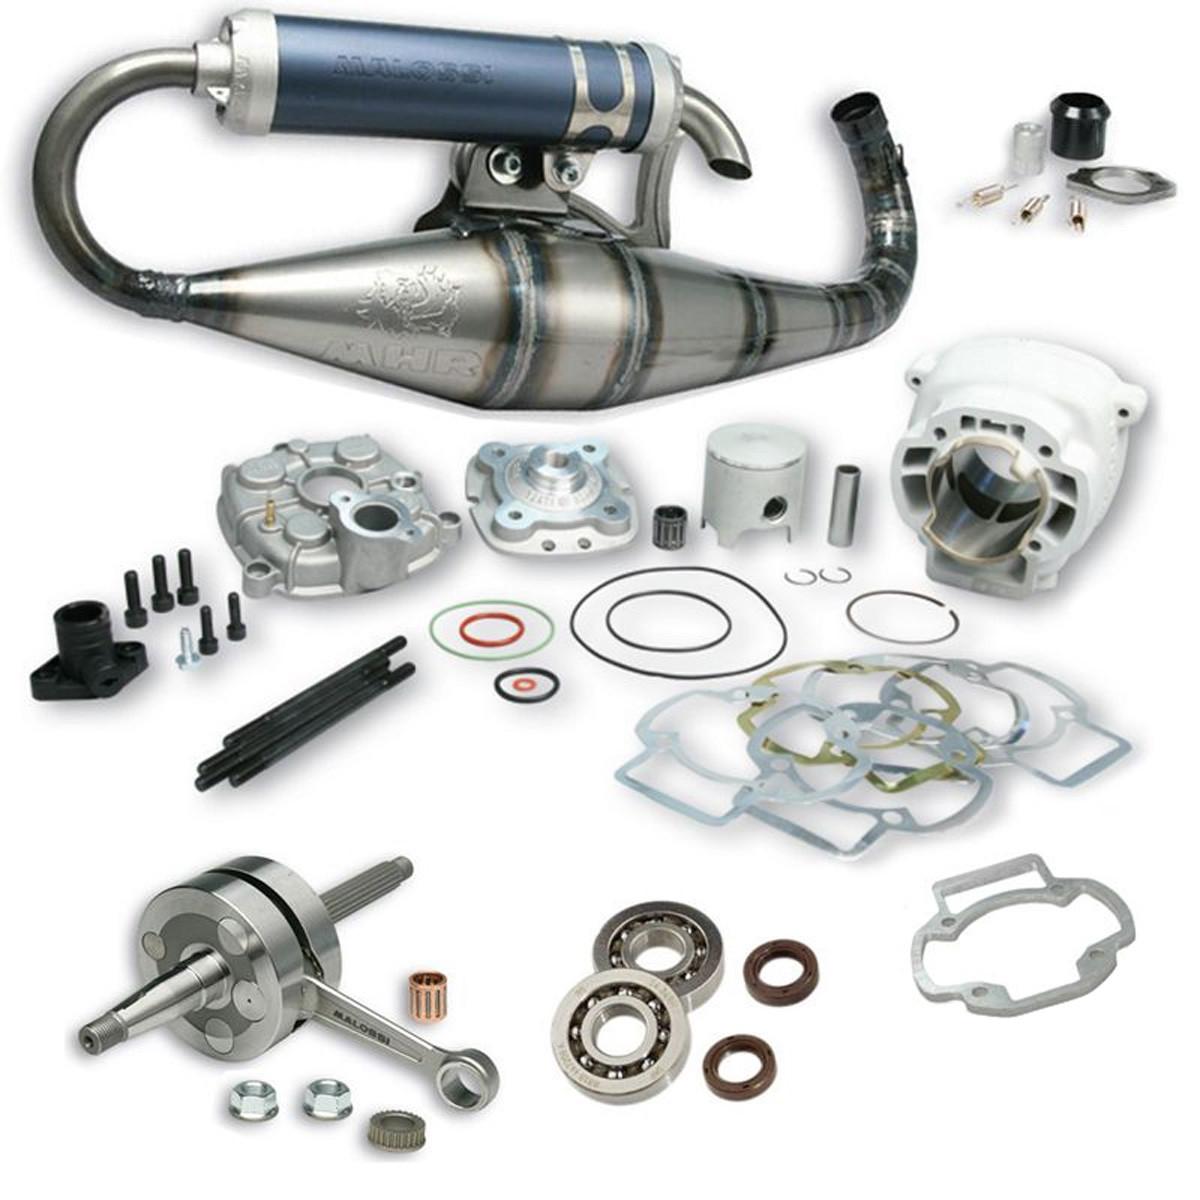 Pack Moteur & Pot 86cc LC PIAGGIO - MALOSSI MHR Big Bore Team Factory